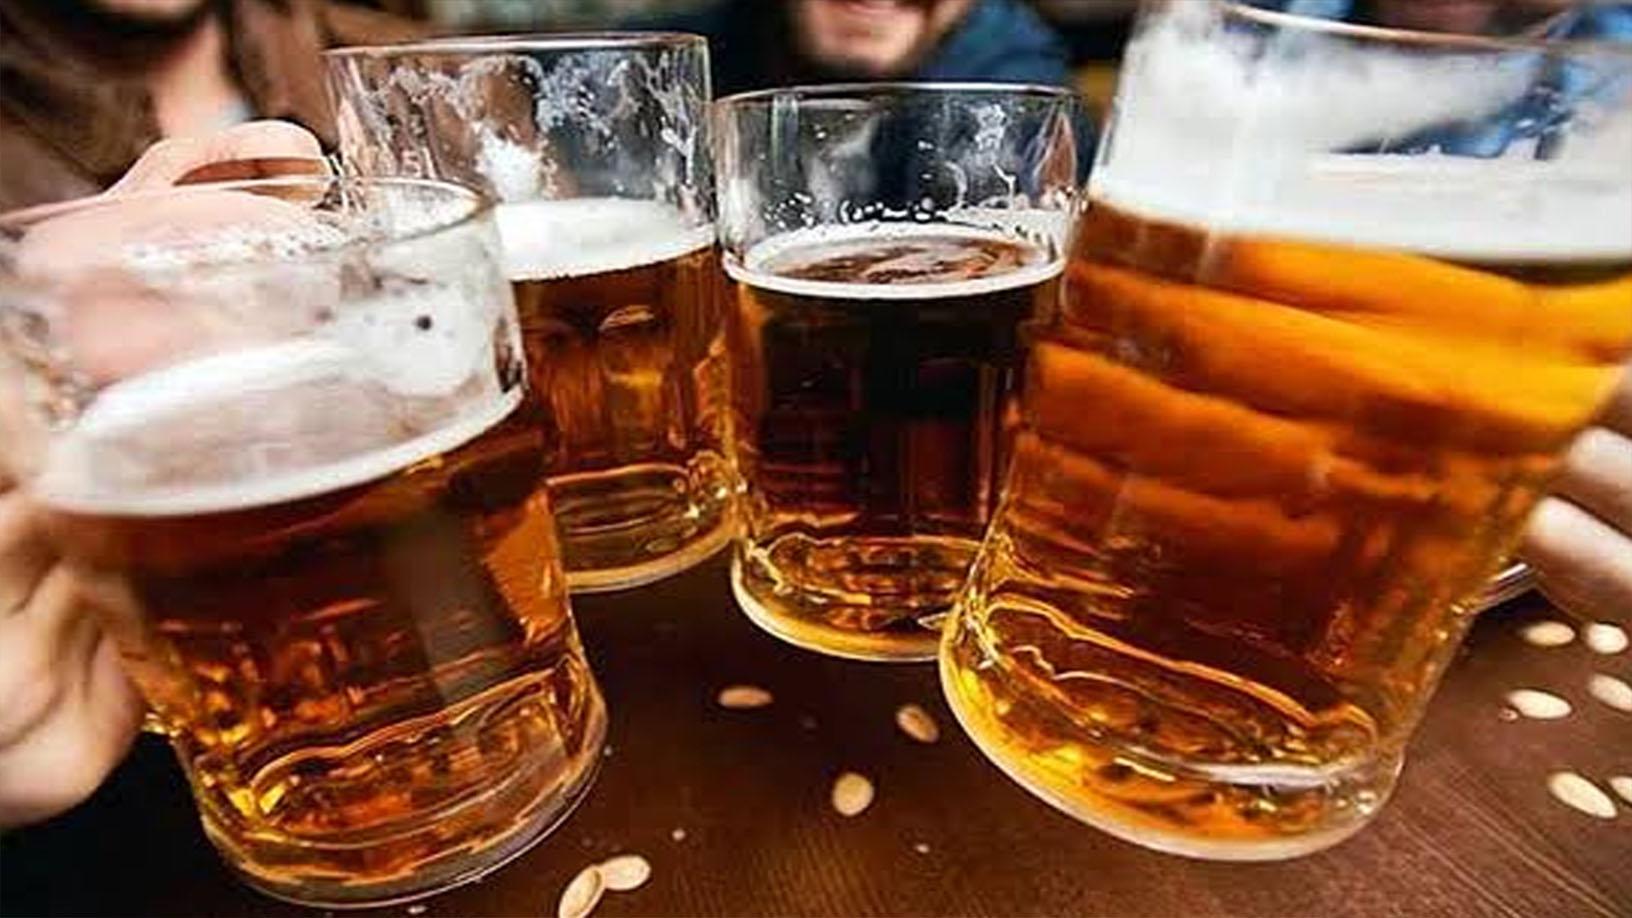 Brüksel'de alkol yasağının ilk haftasında 95 kişiye ceza kesildi